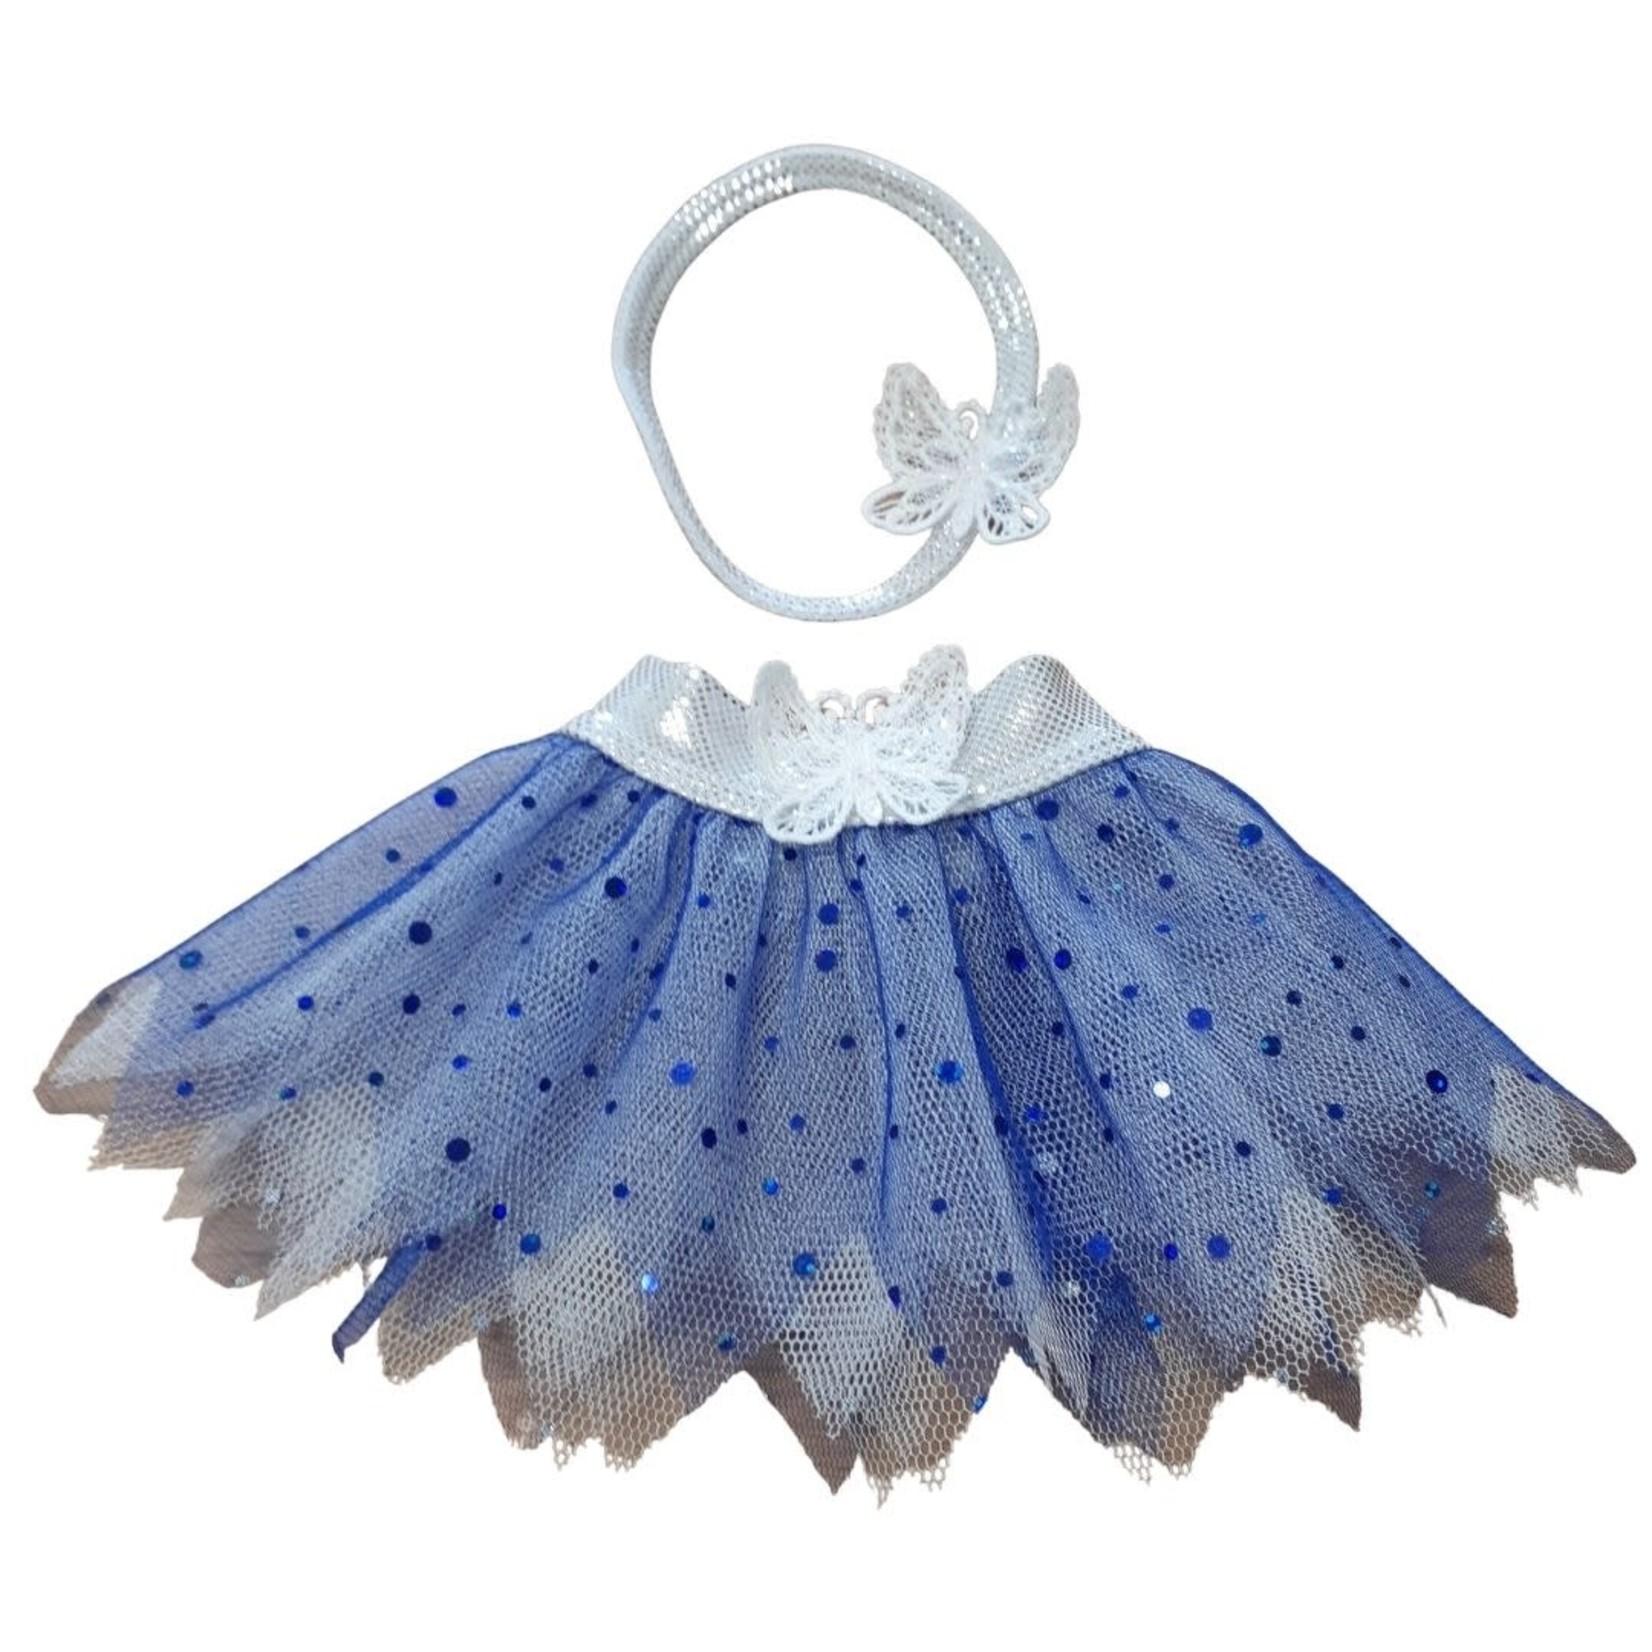 Wacky Wardrobe Wacky Wardrobe 38cm Tutu and Headband Set - Blue